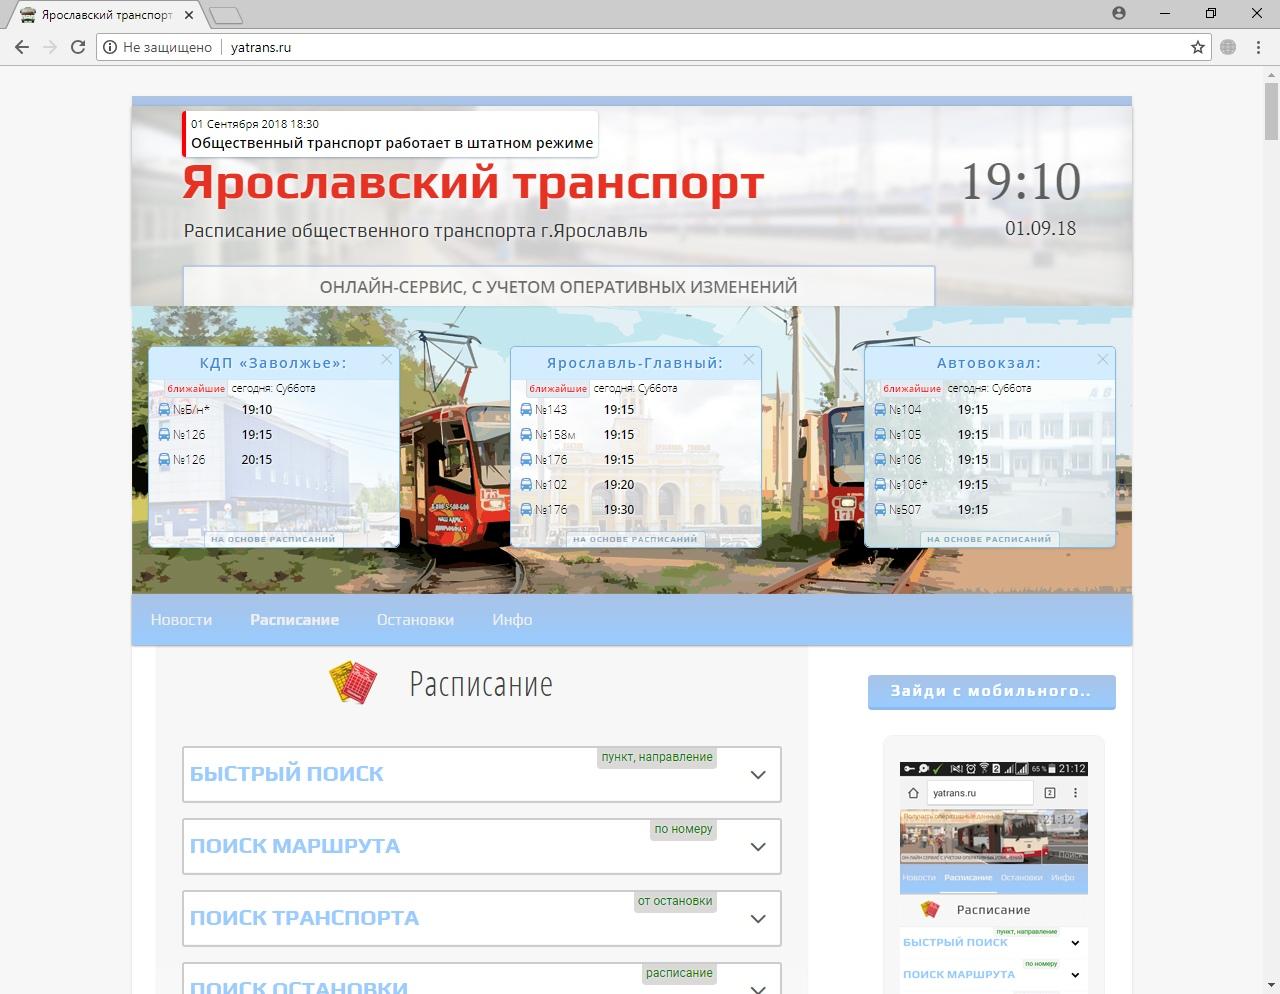 Сайт yatrans.ru, вид с ПК..